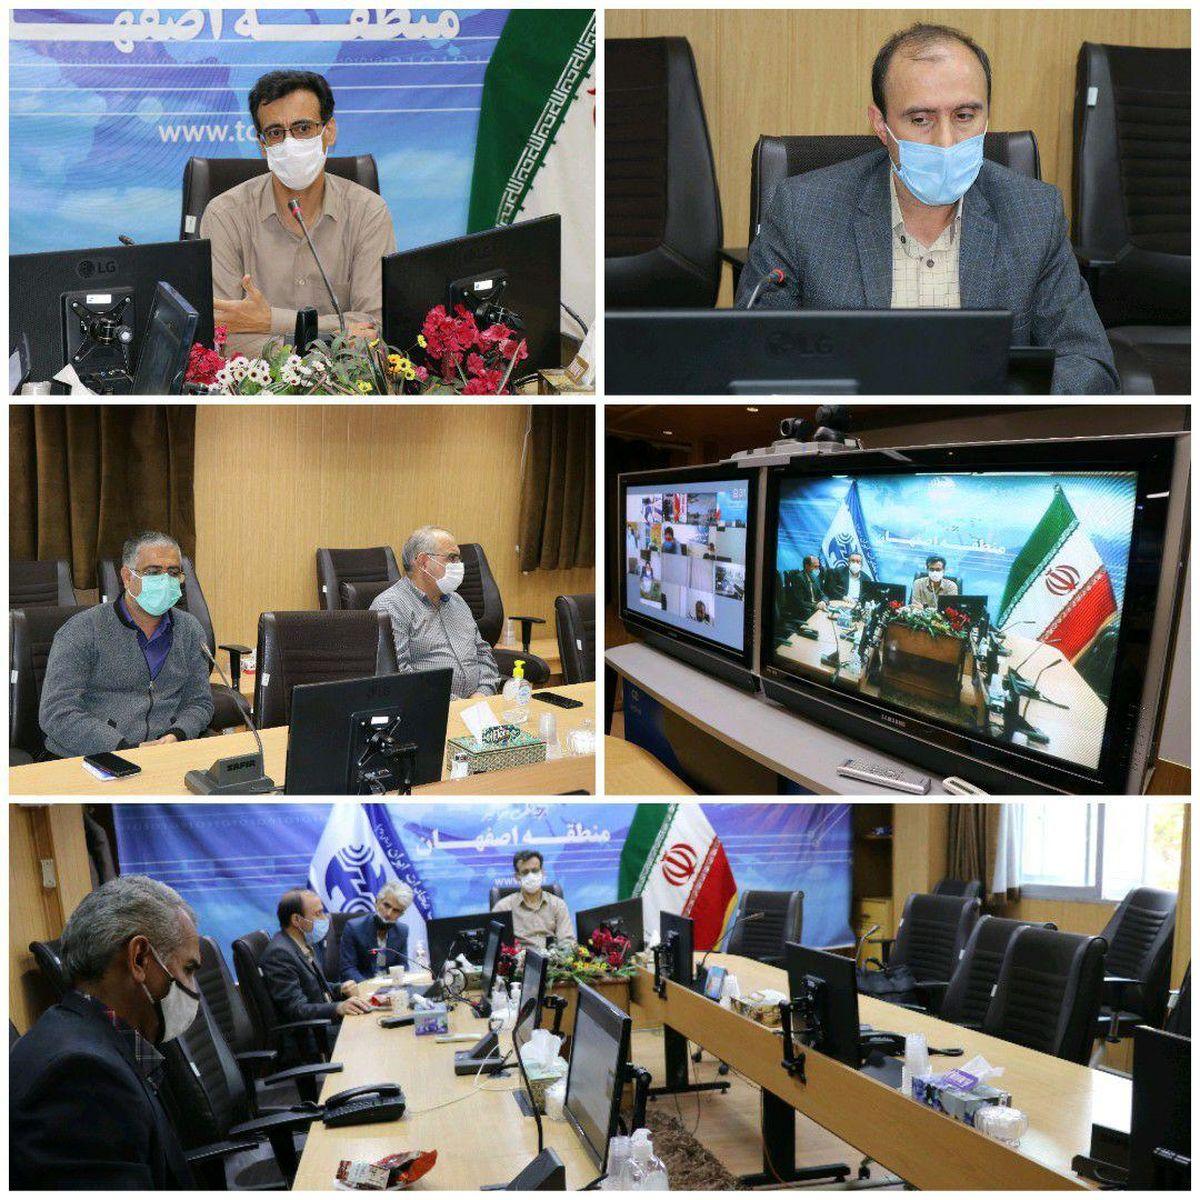 برگزاری انتخابات انجمن صنفی کارکنان مخابرات اصفهان به صورت الکترونیکی